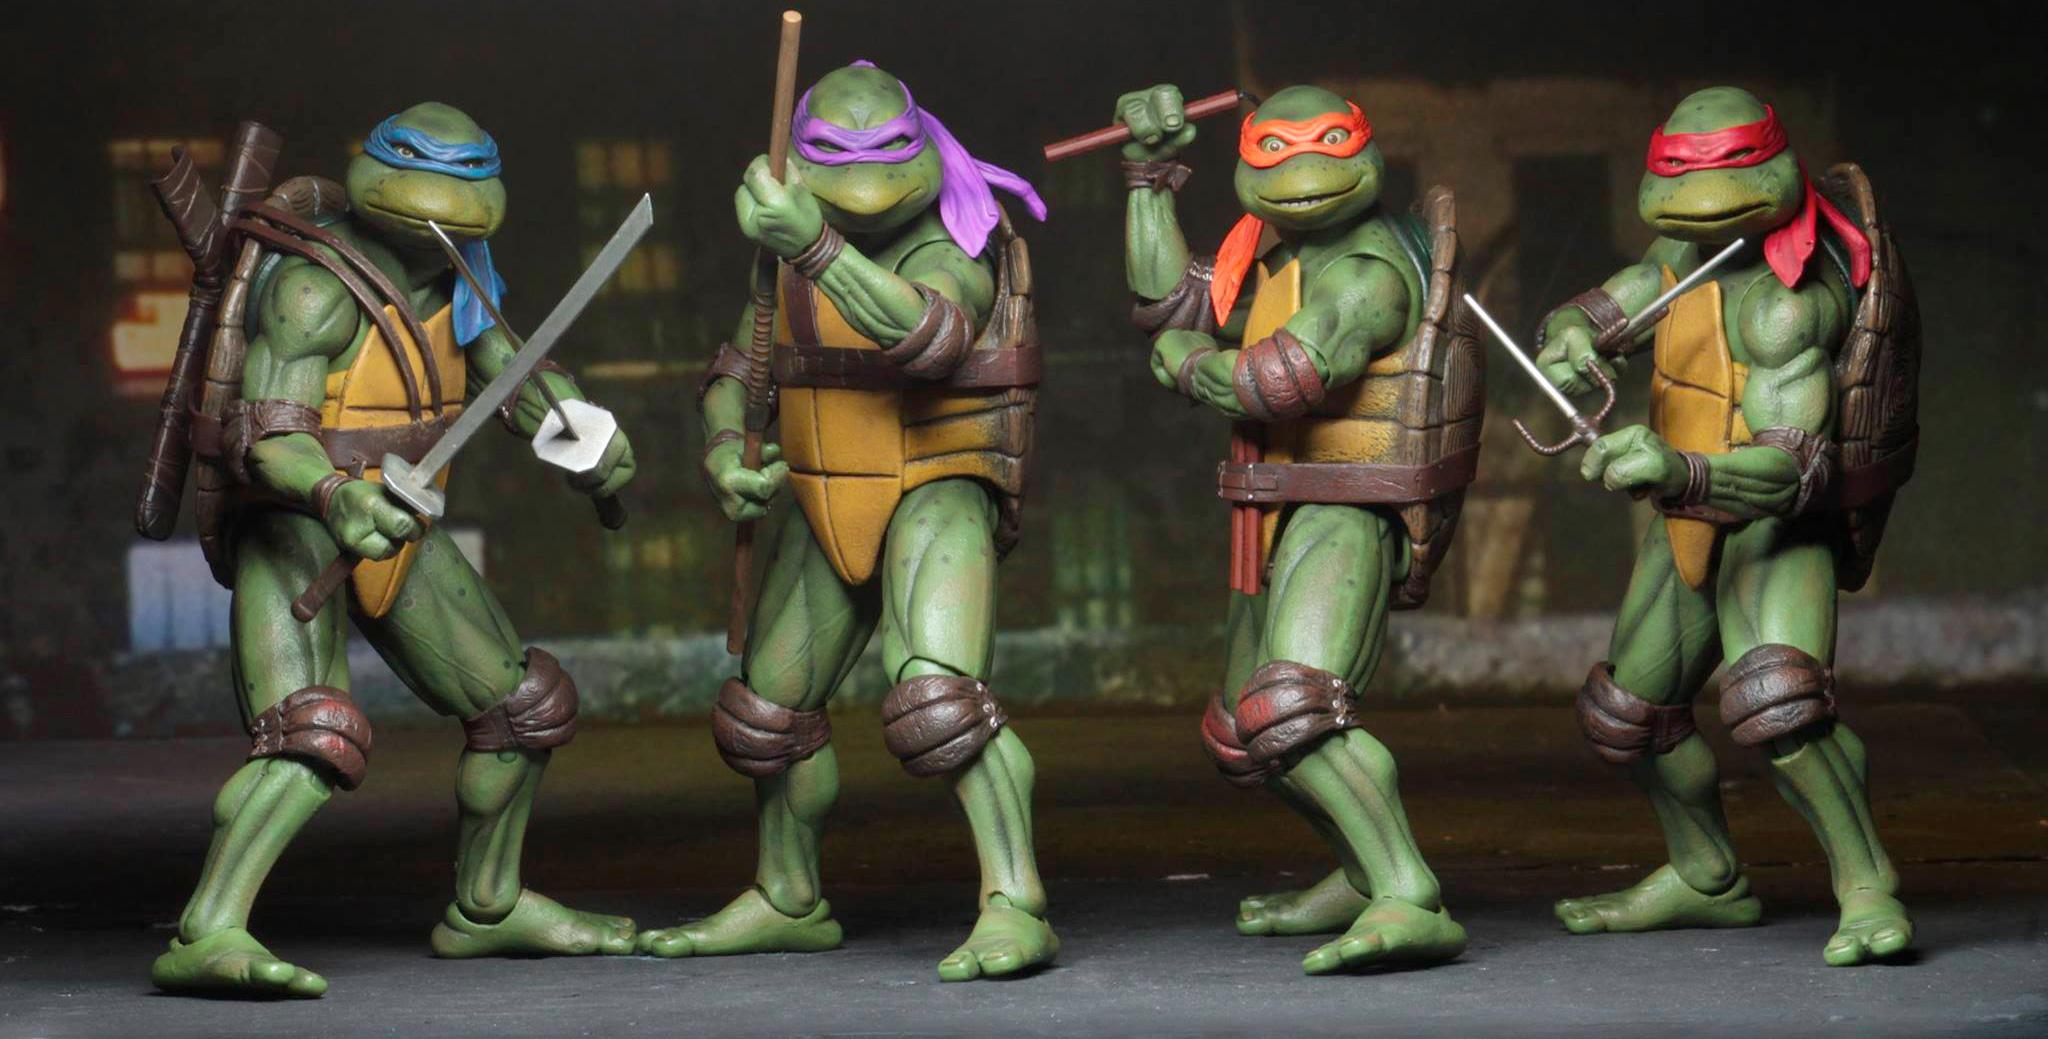 Cool Stuff: NECA's Teenage Mutant Ninja Turtles Movie ...